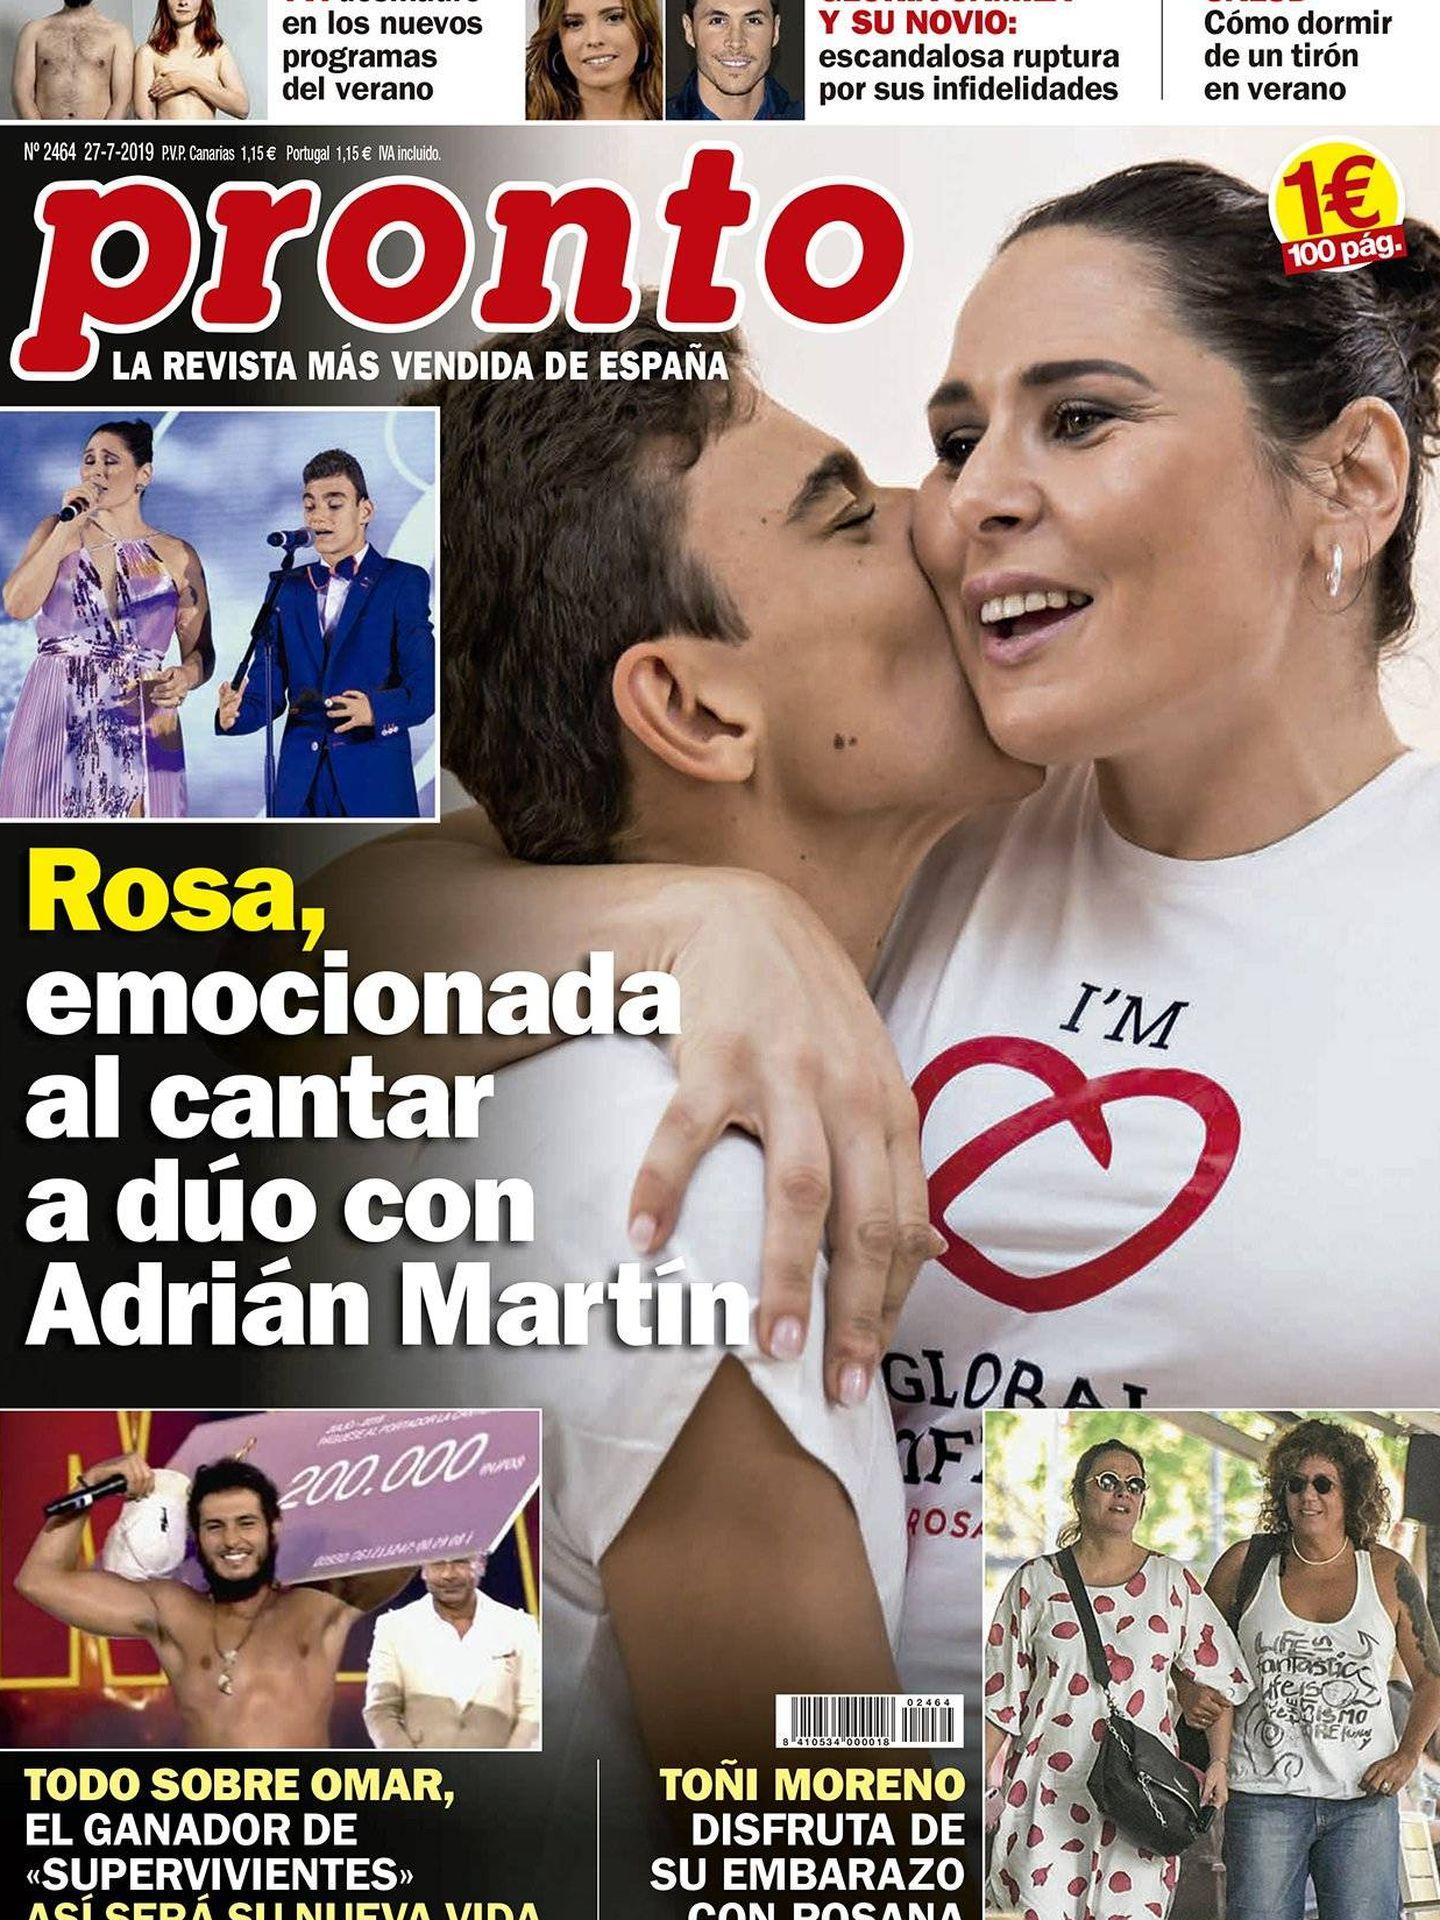 Portada de la revista 'Pronto' con Rosana y Toñi Moreno en la portada. (Pronto)